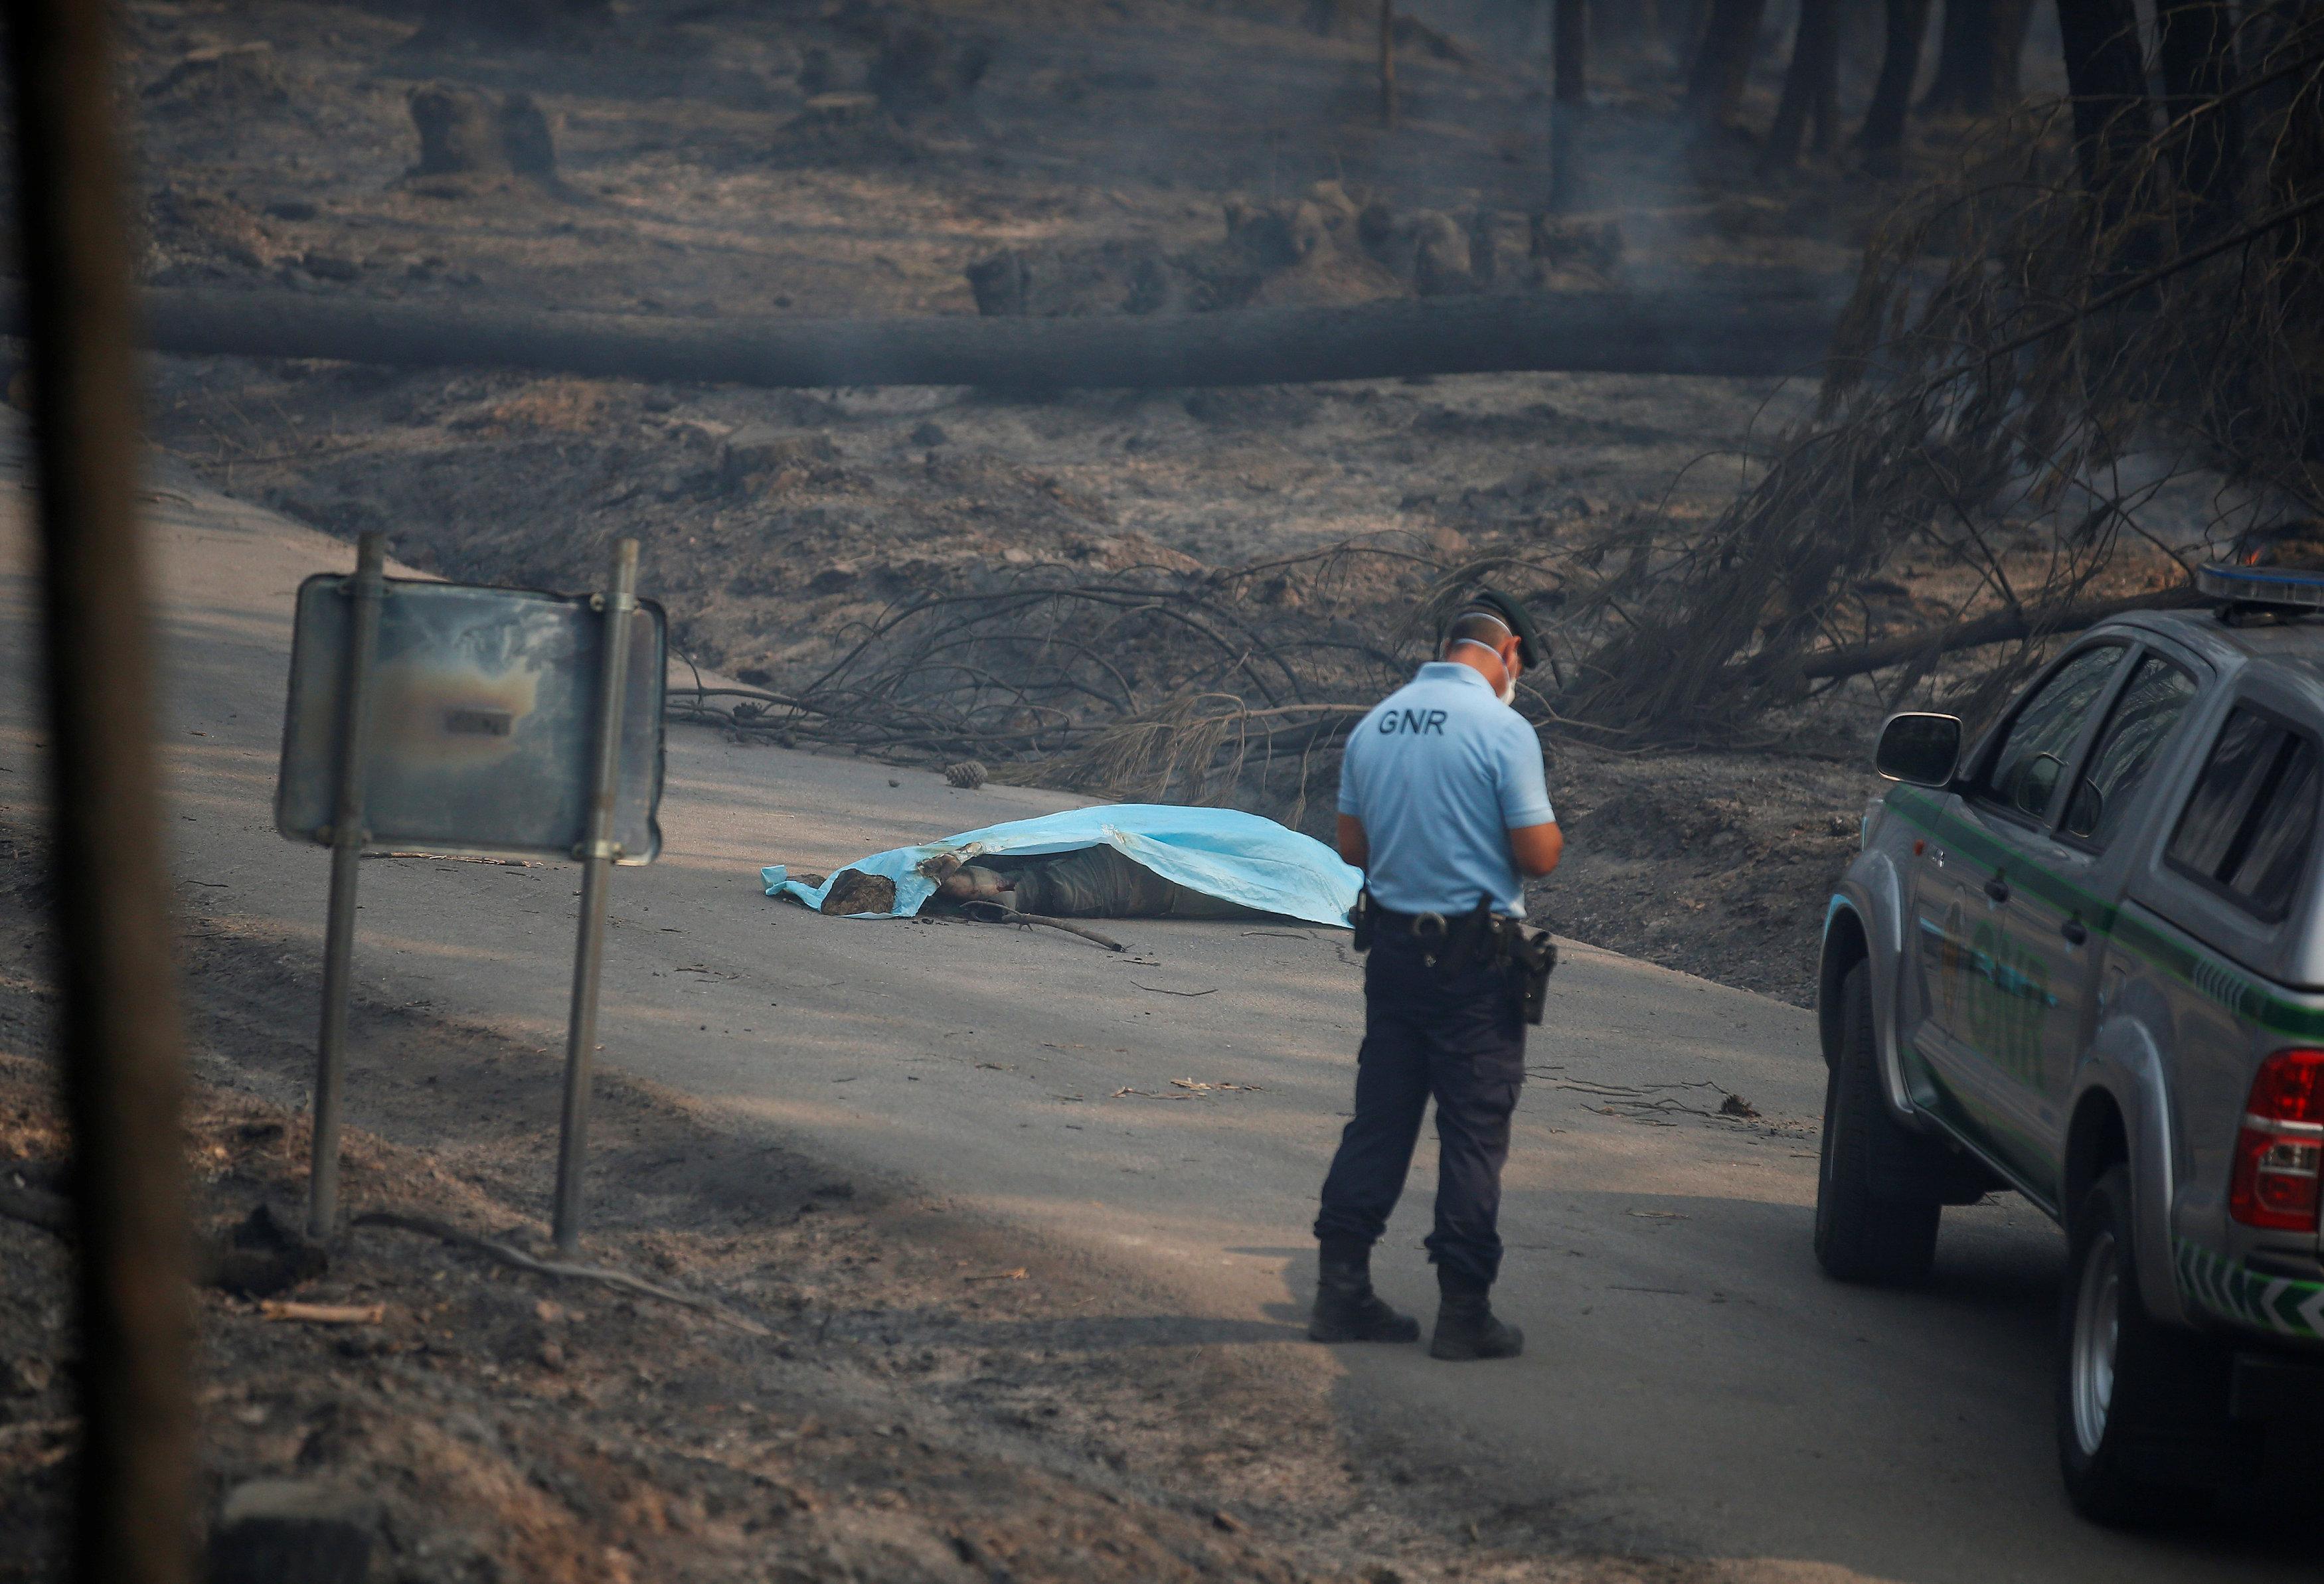 2017-06-18T093813Z 1721723967 RC1A1E0ED250 RTRMADP 3 PORTUGAL-FIRE